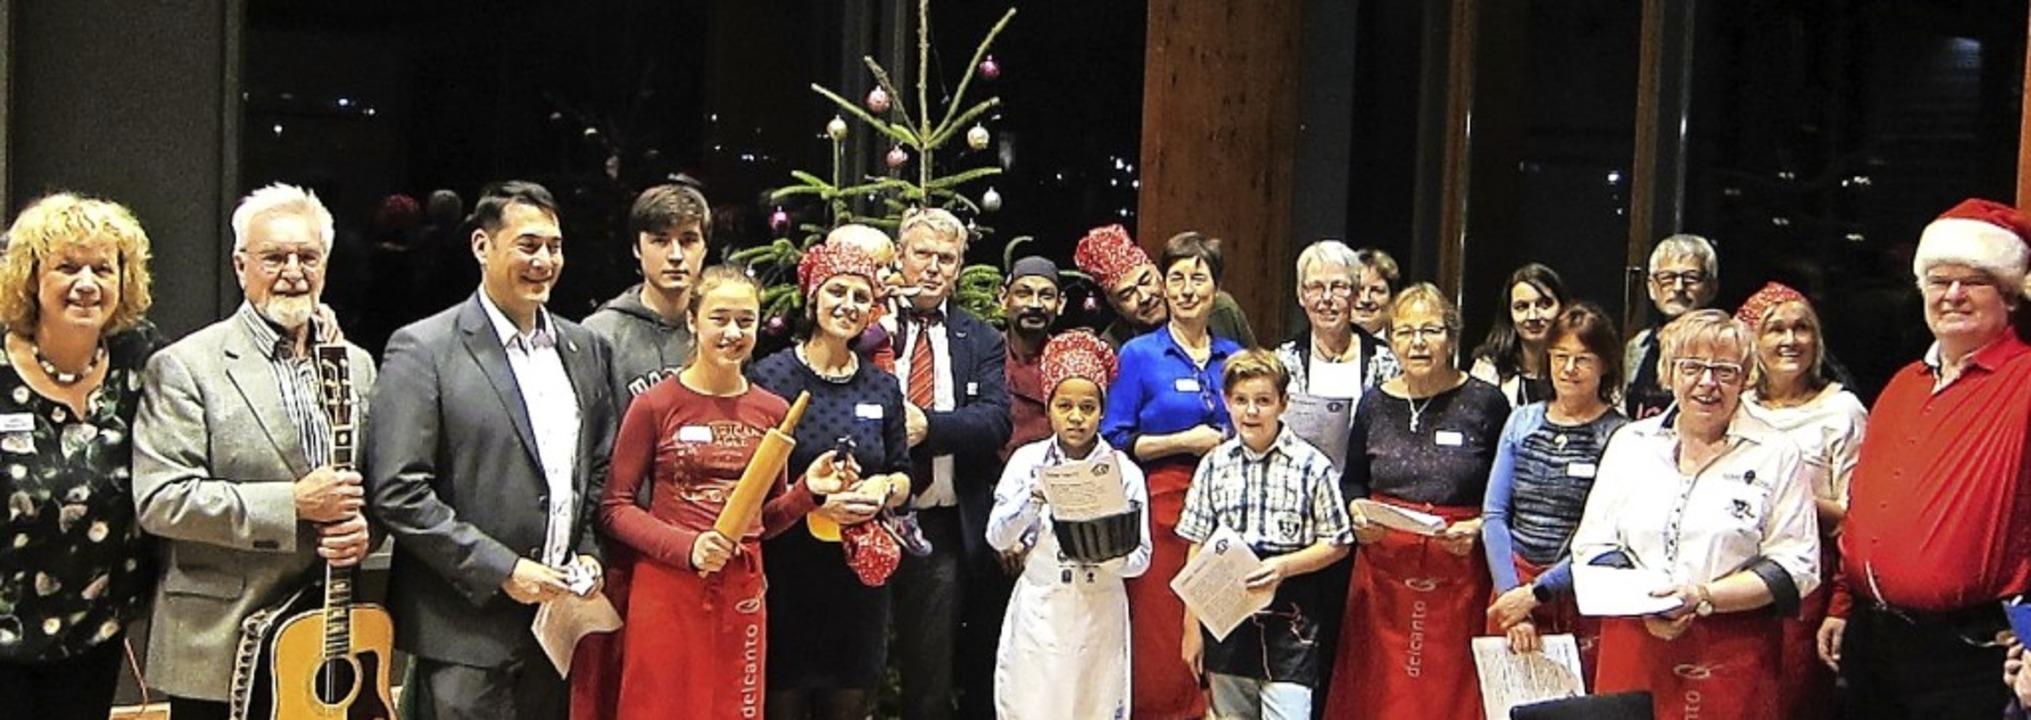 Gäste, Helfer und Bürgermeister sangen vorm Weihnachtsbaum gemeinsam Lieder.   | Foto: Privat